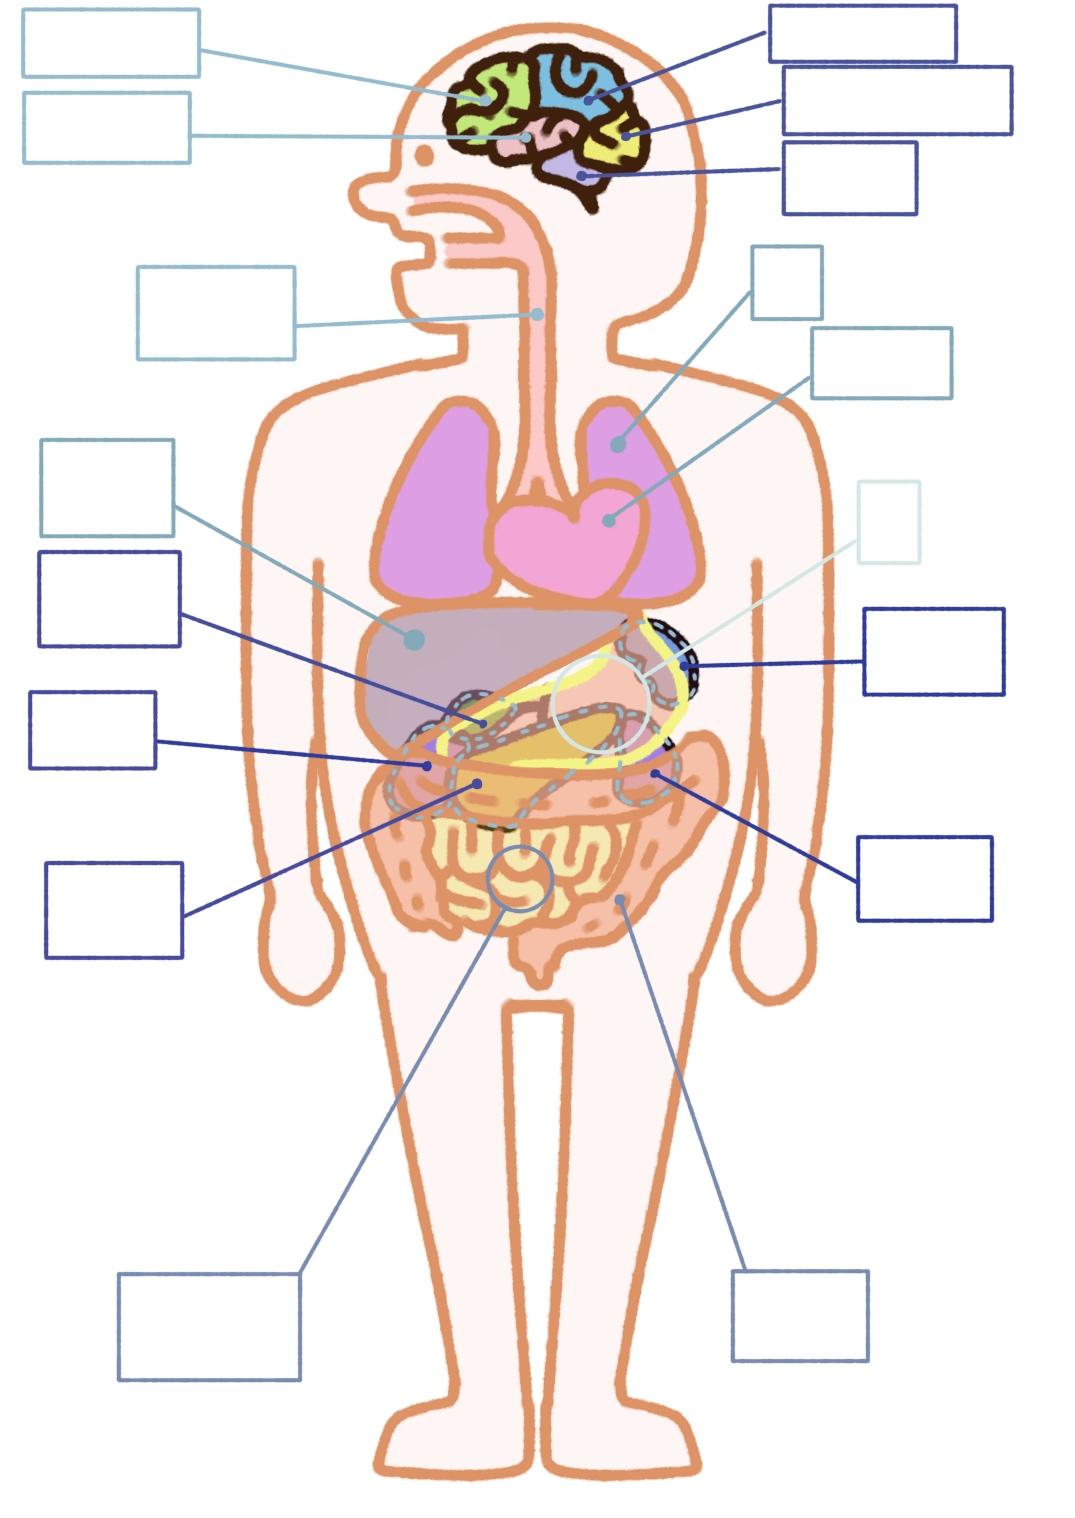 ヒトの臓器